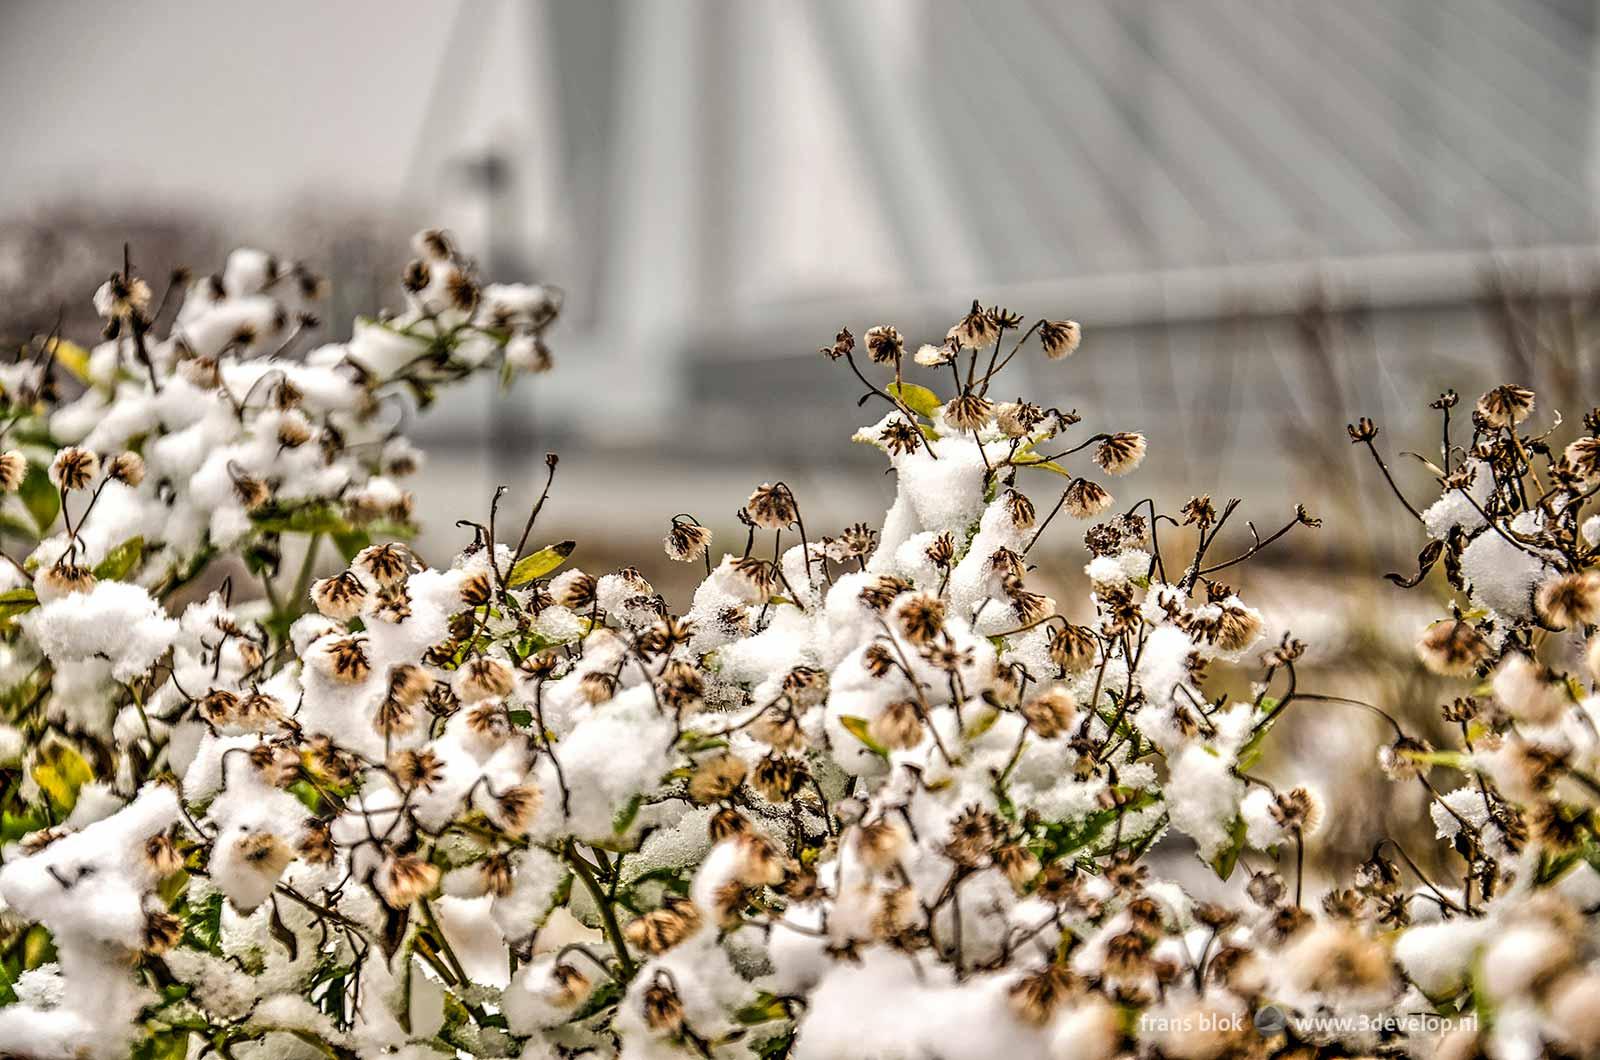 Bloemen op het Leuvehoofd in Rotterdam bedekt met een laagje sneeuw, met op de achtergrond vaag de Erasmusbrug